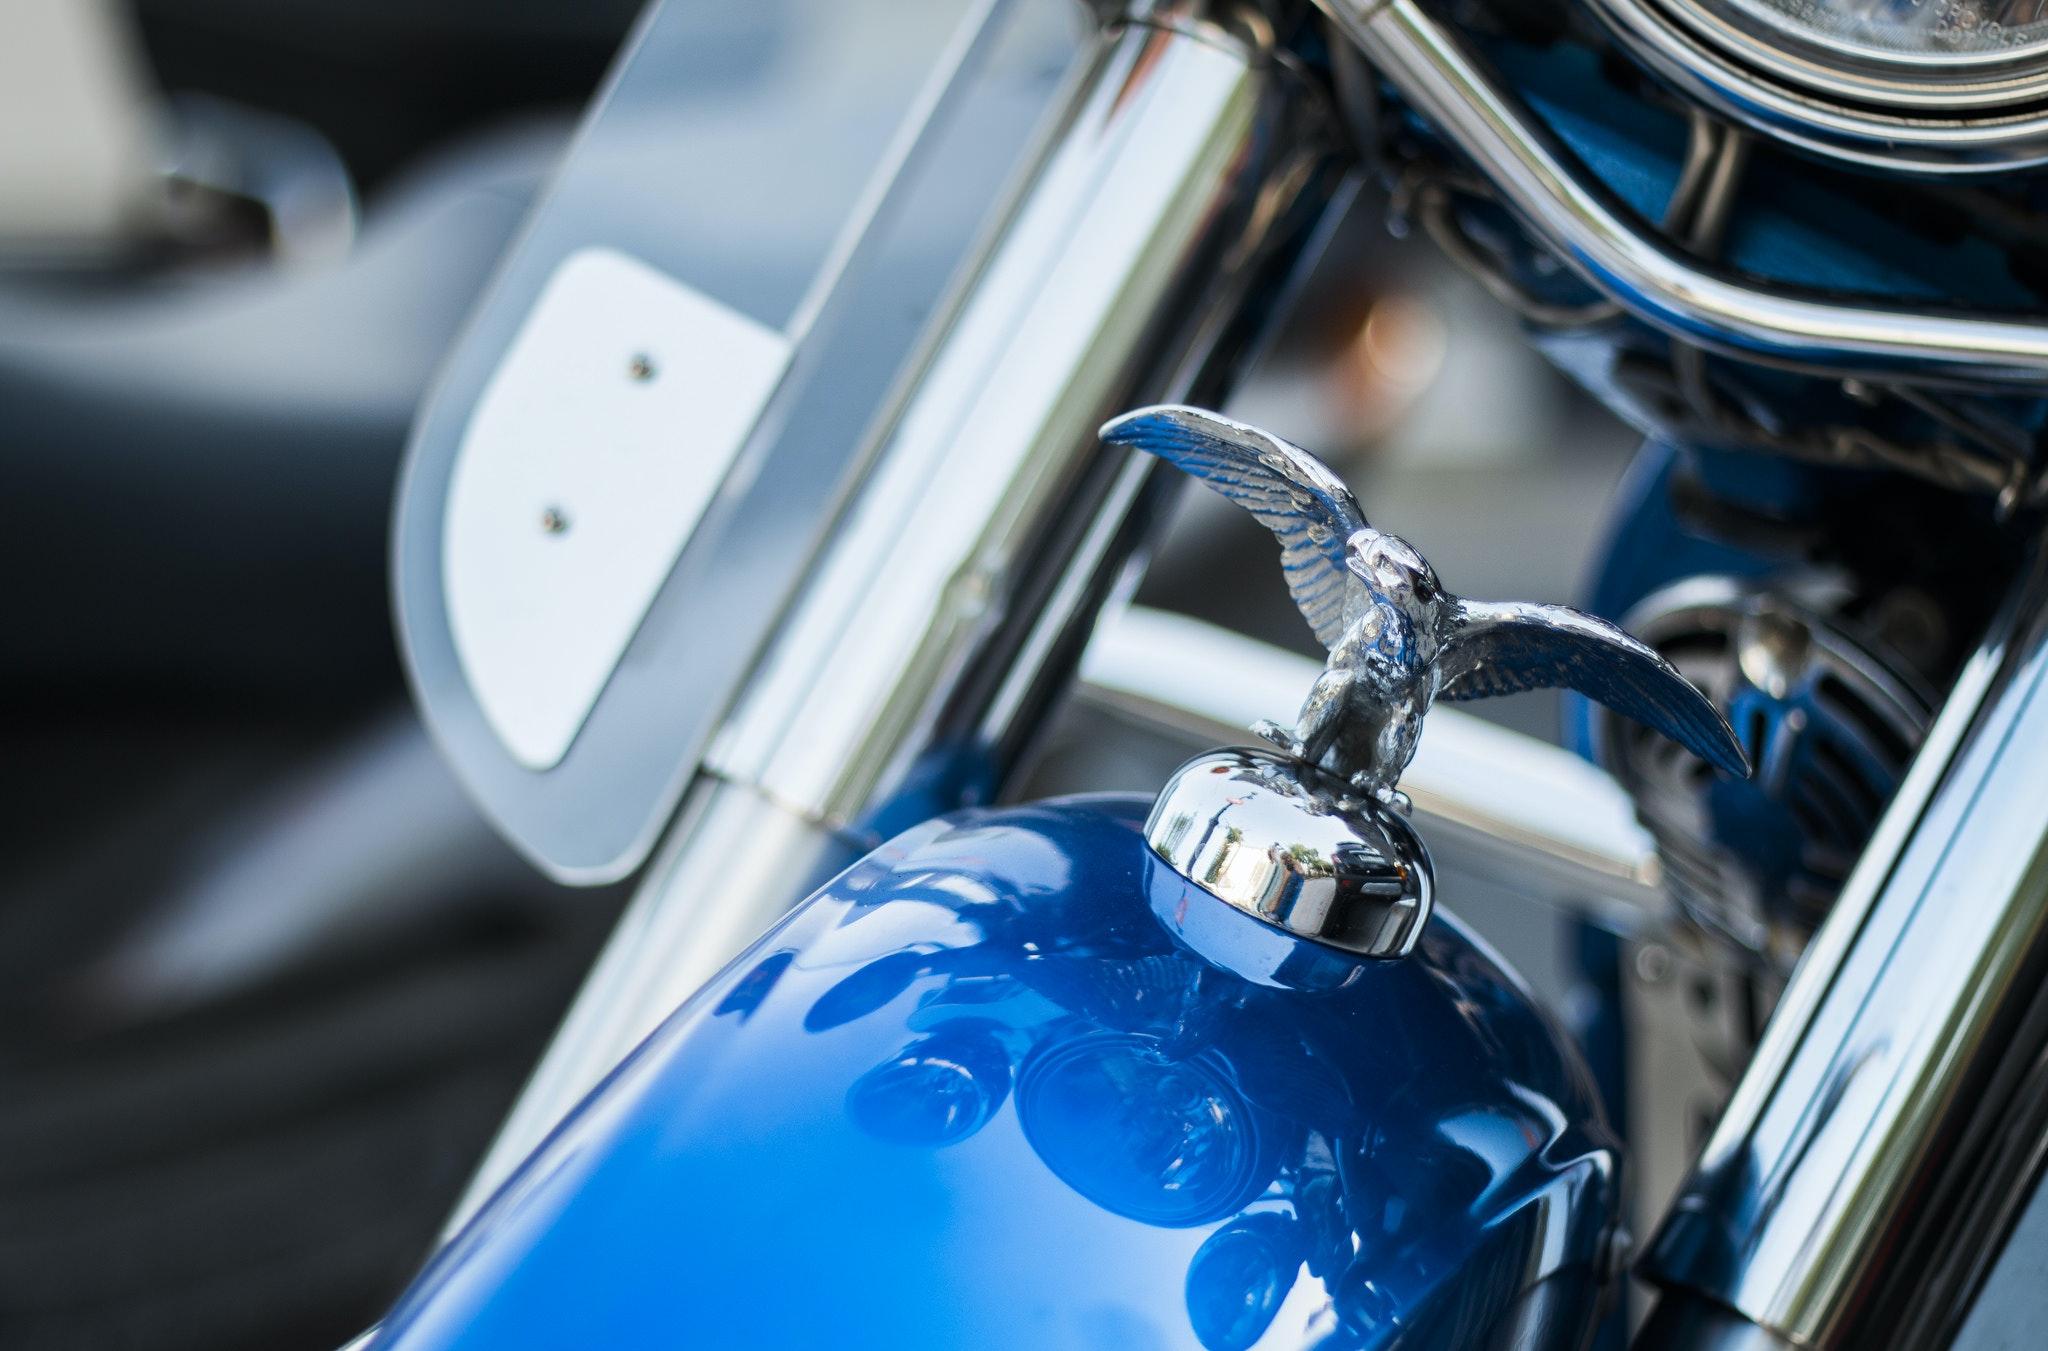 Harley Davidson Emblem on Top Front of Blue Motorcycle ...